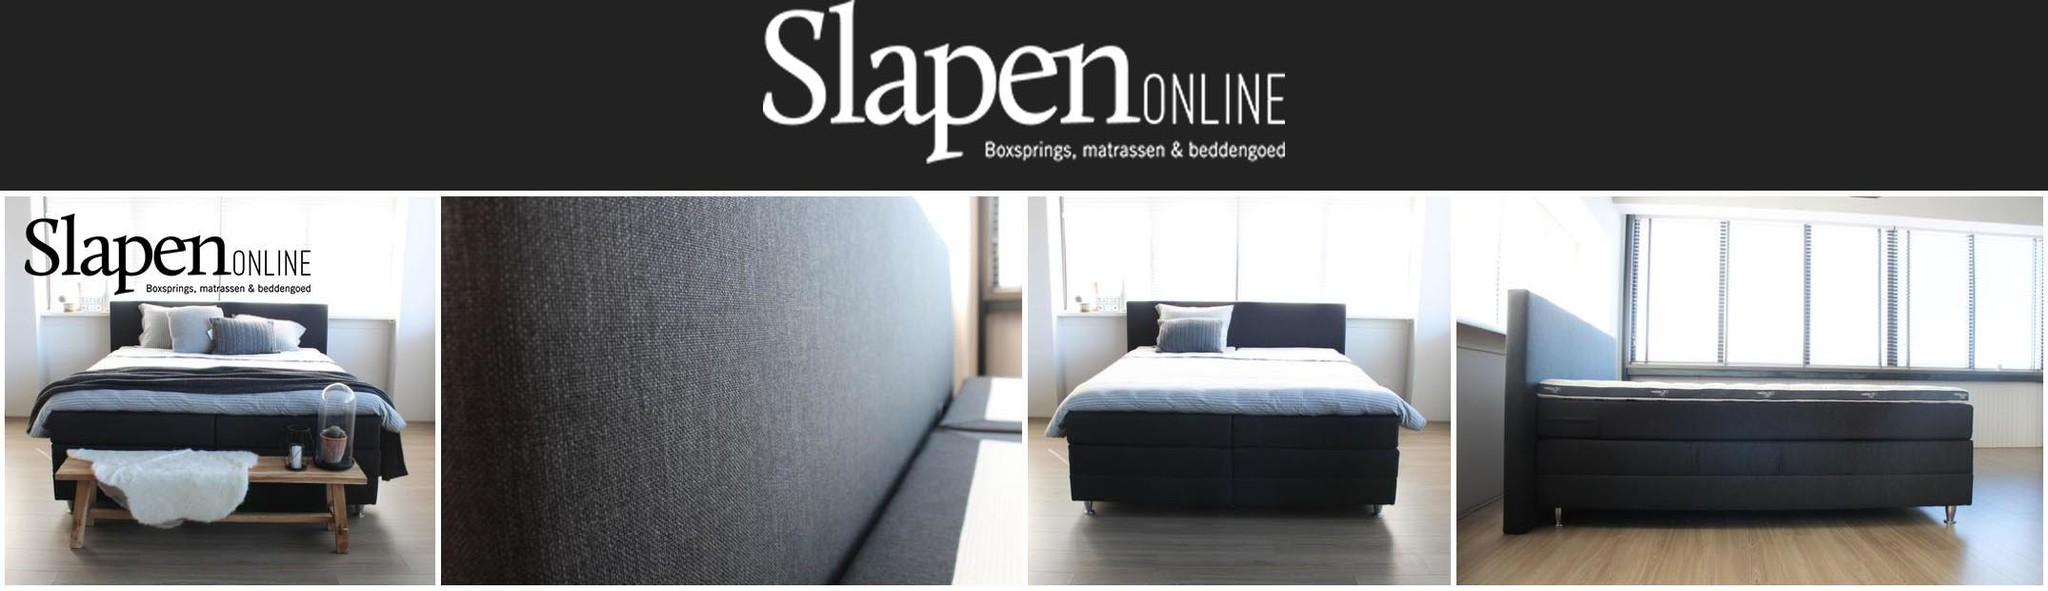 Bed 120x200 Compleet.Boxspring Compleet 120x200 Slapen Online Slapen Online